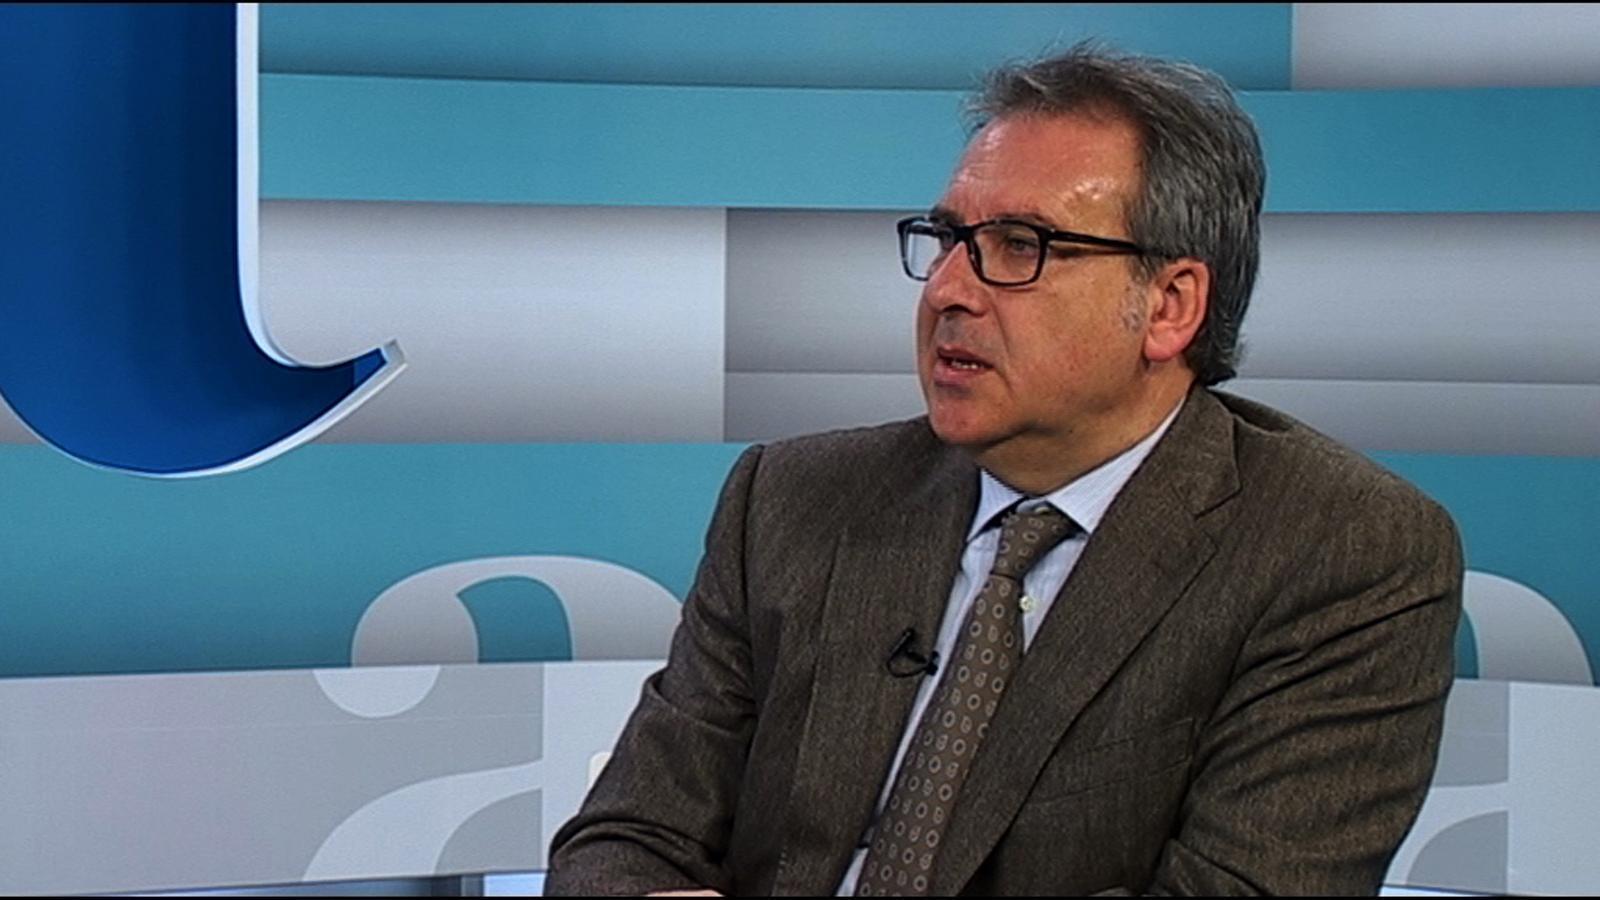 Josep Cuní sobre 8TV: La nostra audiència ve de Telecinco, d'Antena 3, de la Sexta